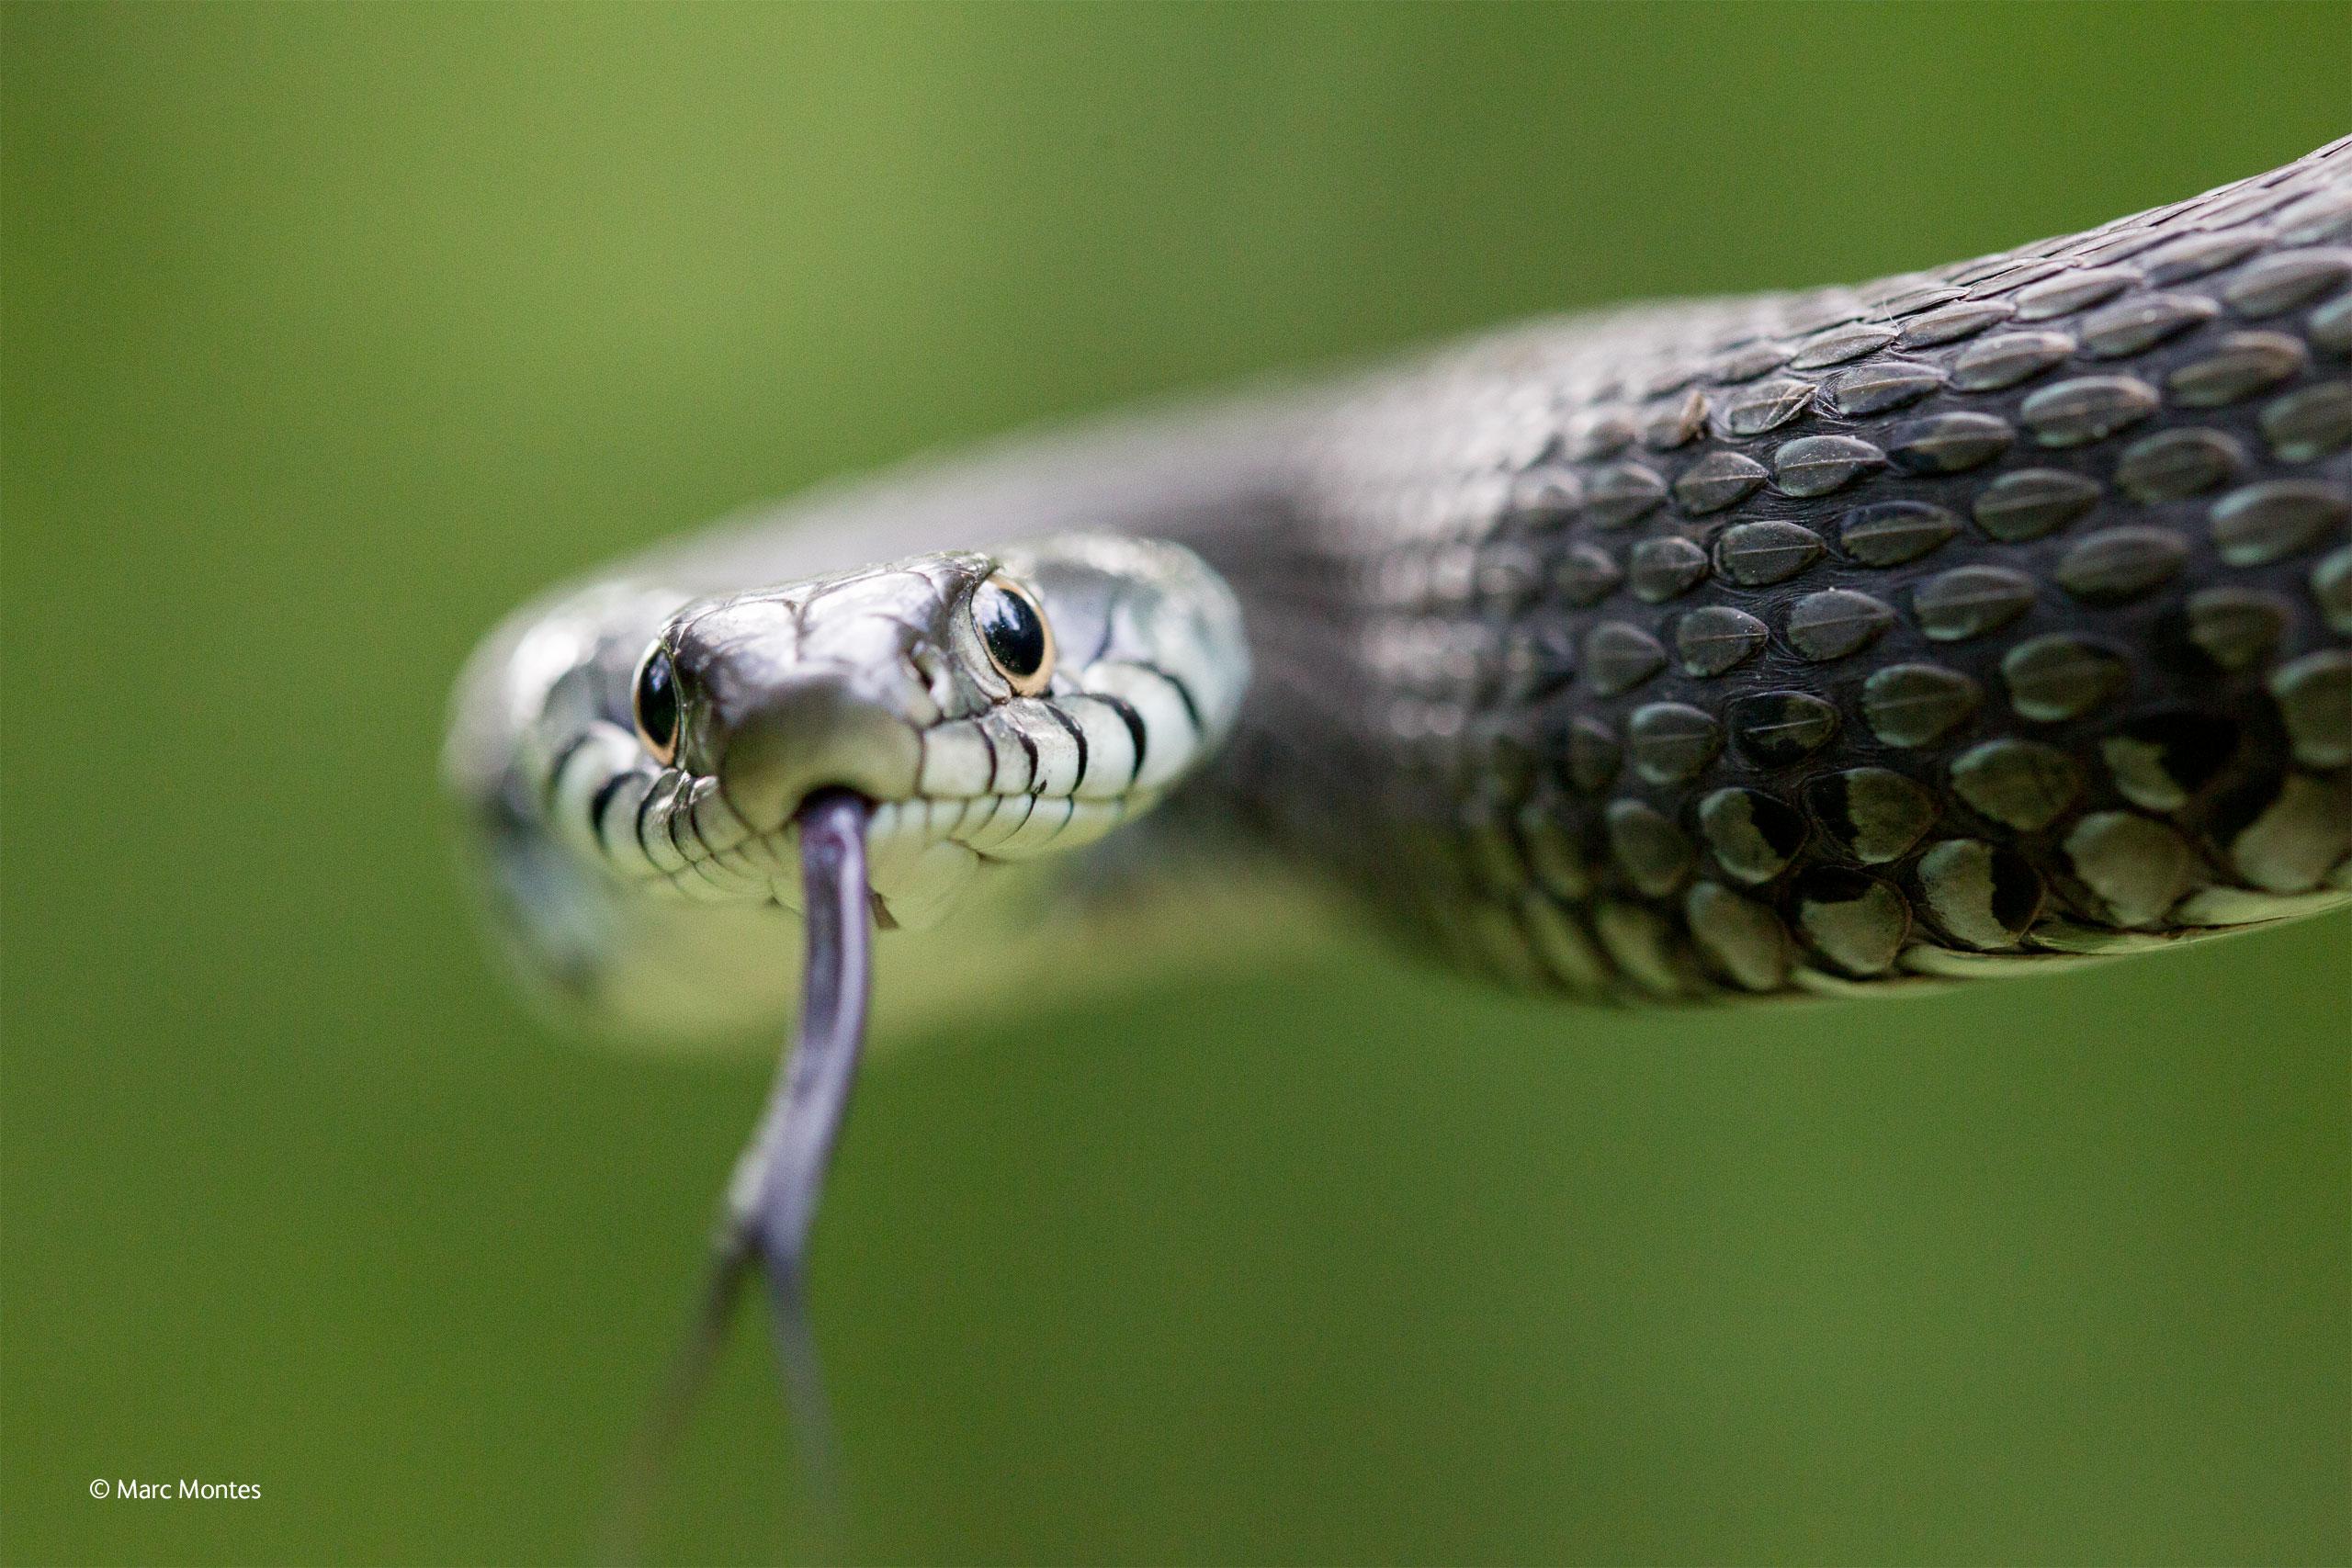 Snake eyes face revealed